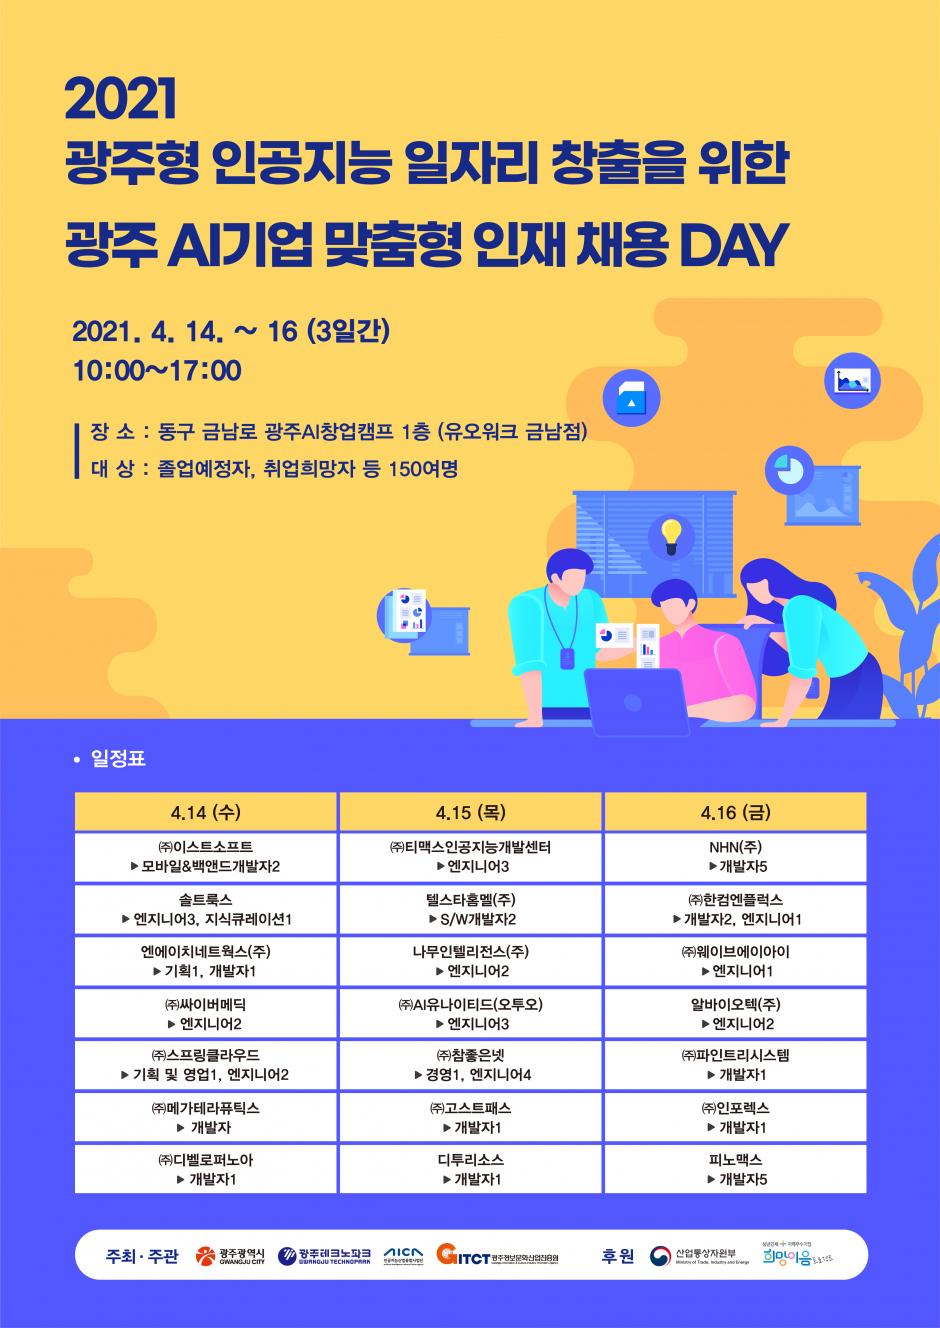 광주 AI기업 맞춤형 인재 채용 DAY 개최안내